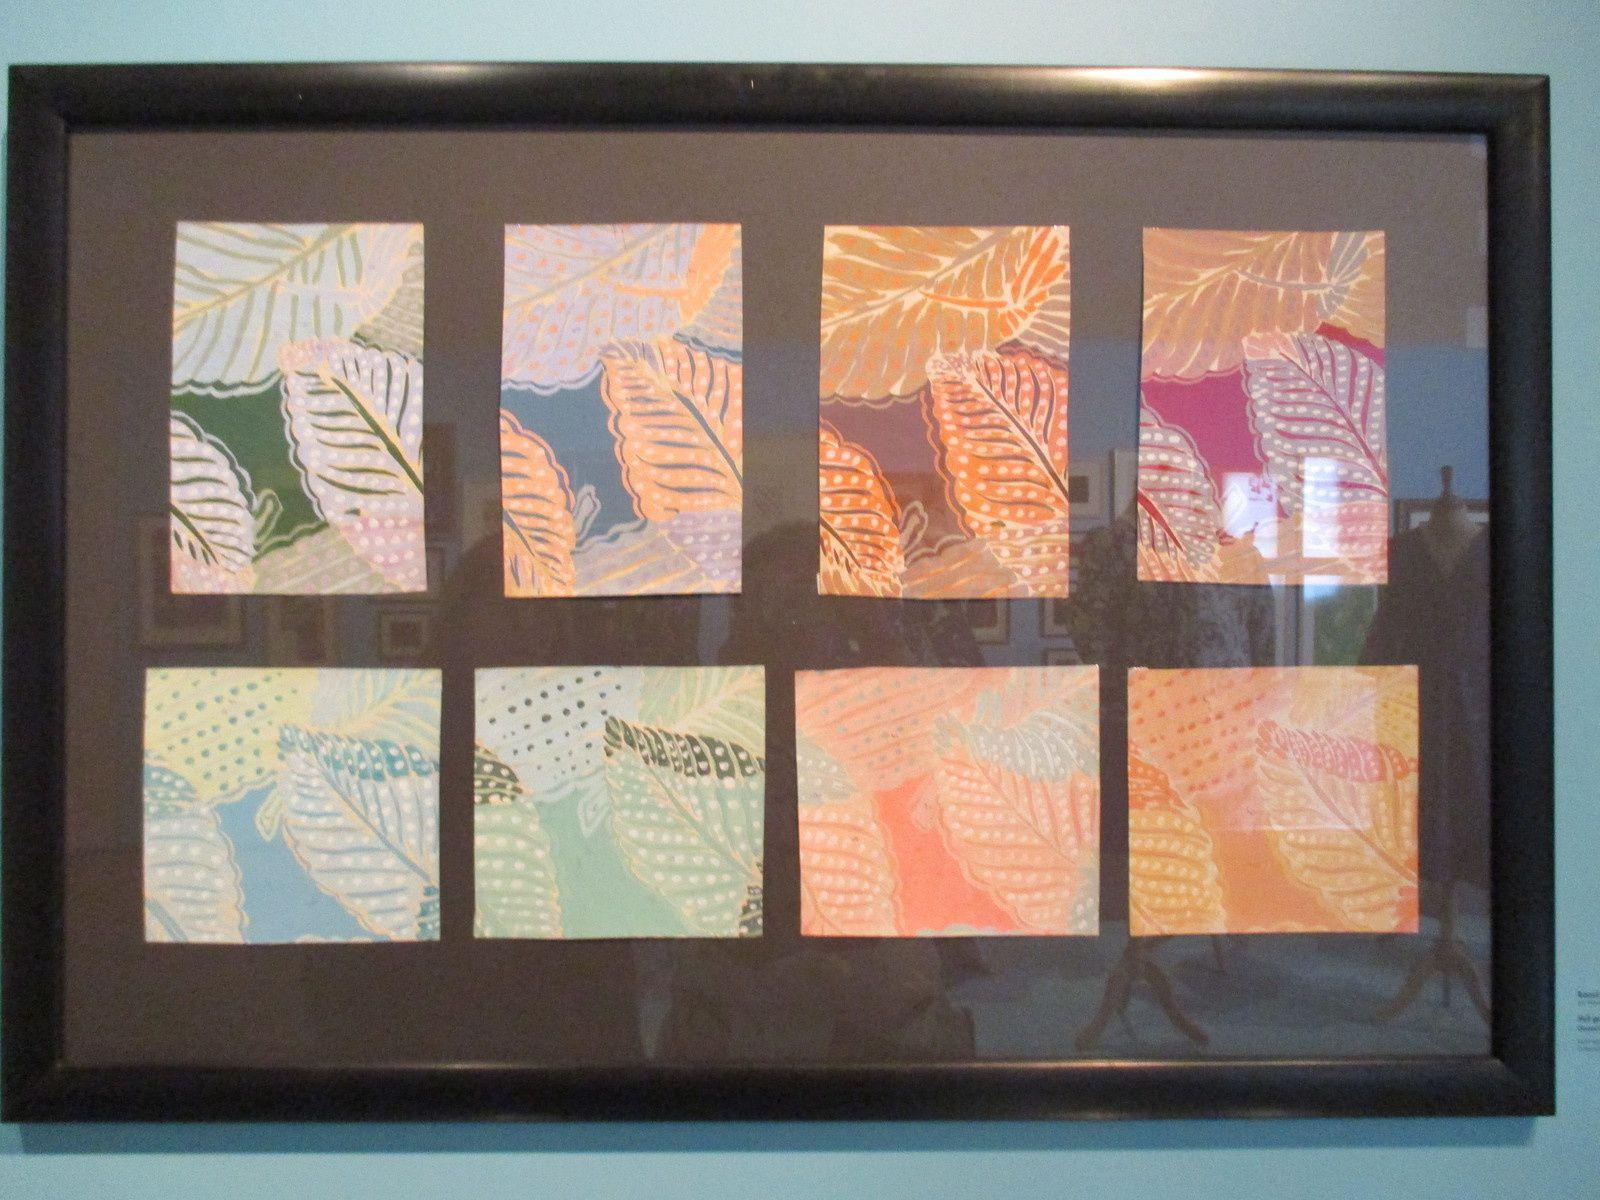 Planches pour l'étude de création de tissu par Raoul DUFY.